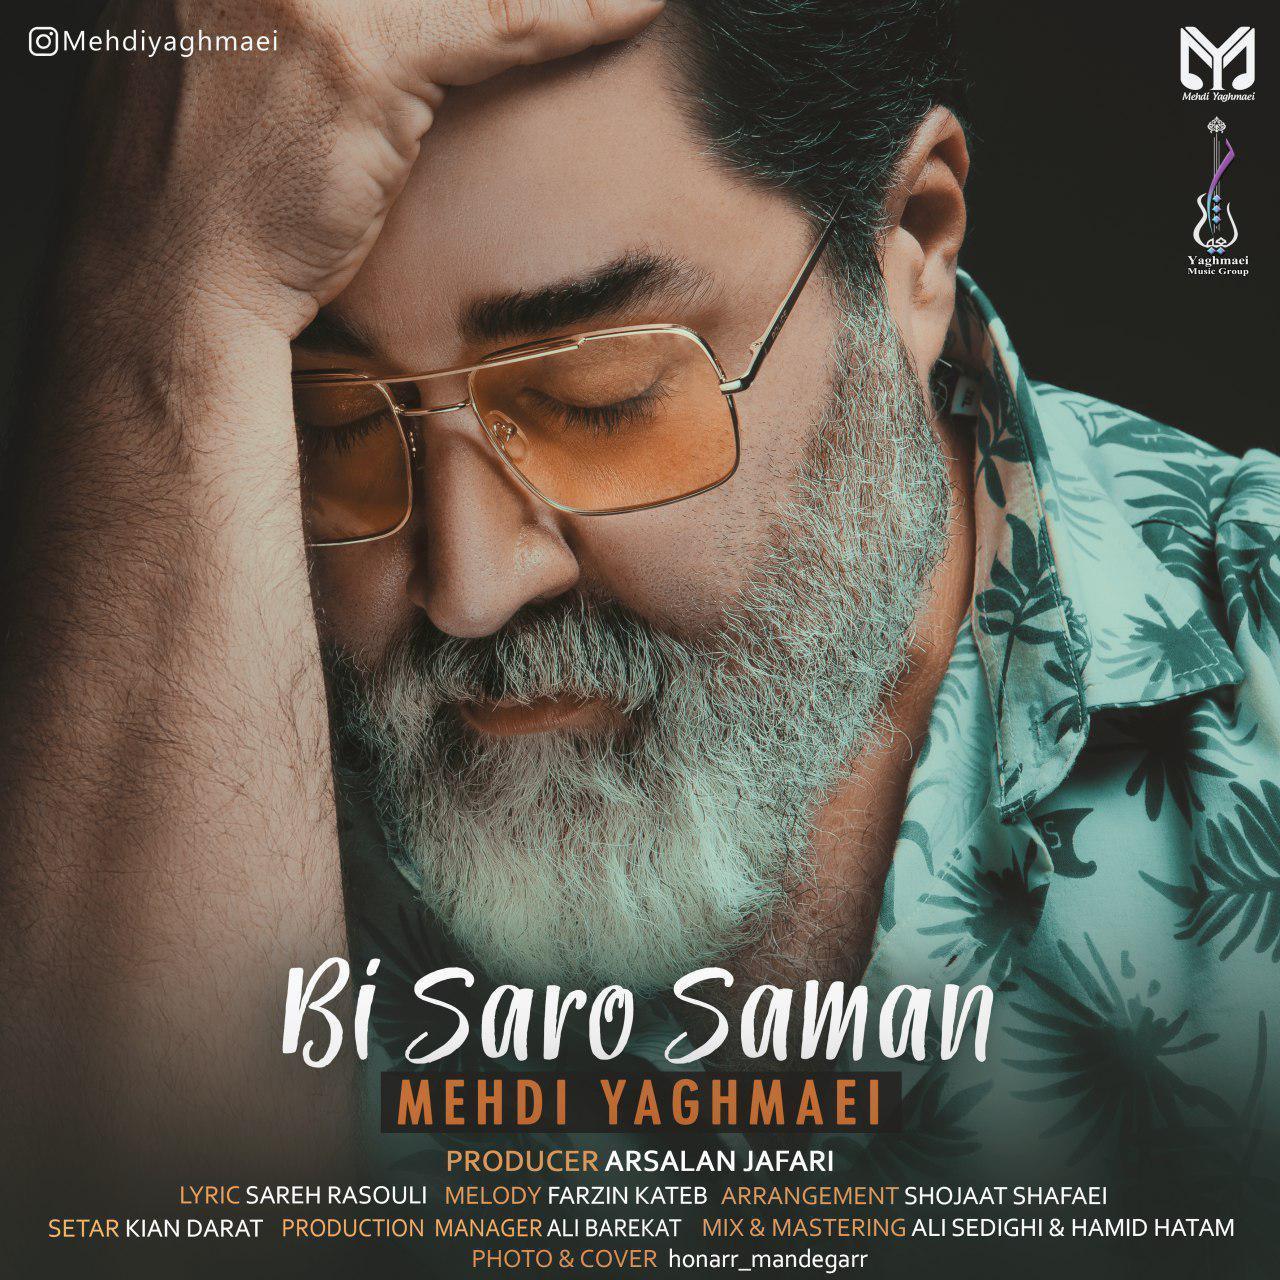 Mehdi Yaghmaei – Bi Saro Saman